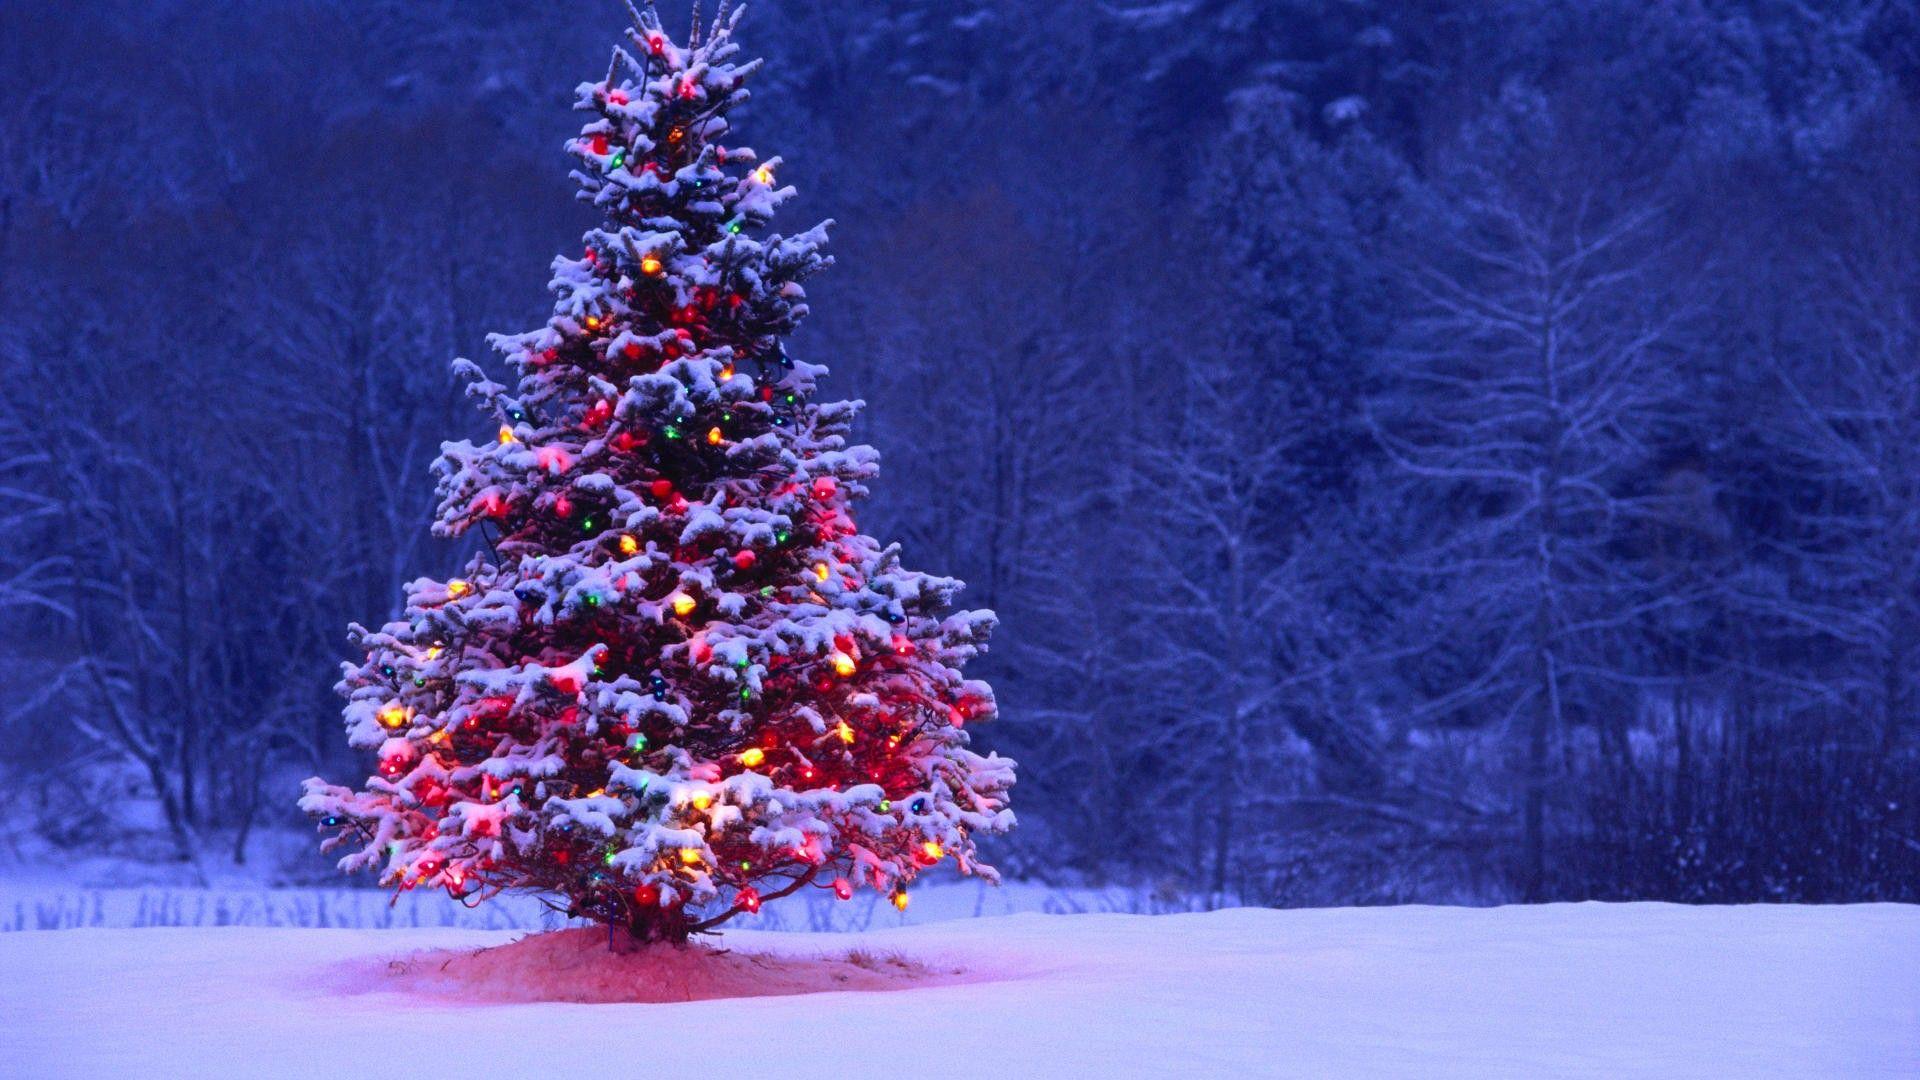 schne weihnachtsbaum Vektorgrafik - ForWallpaper.